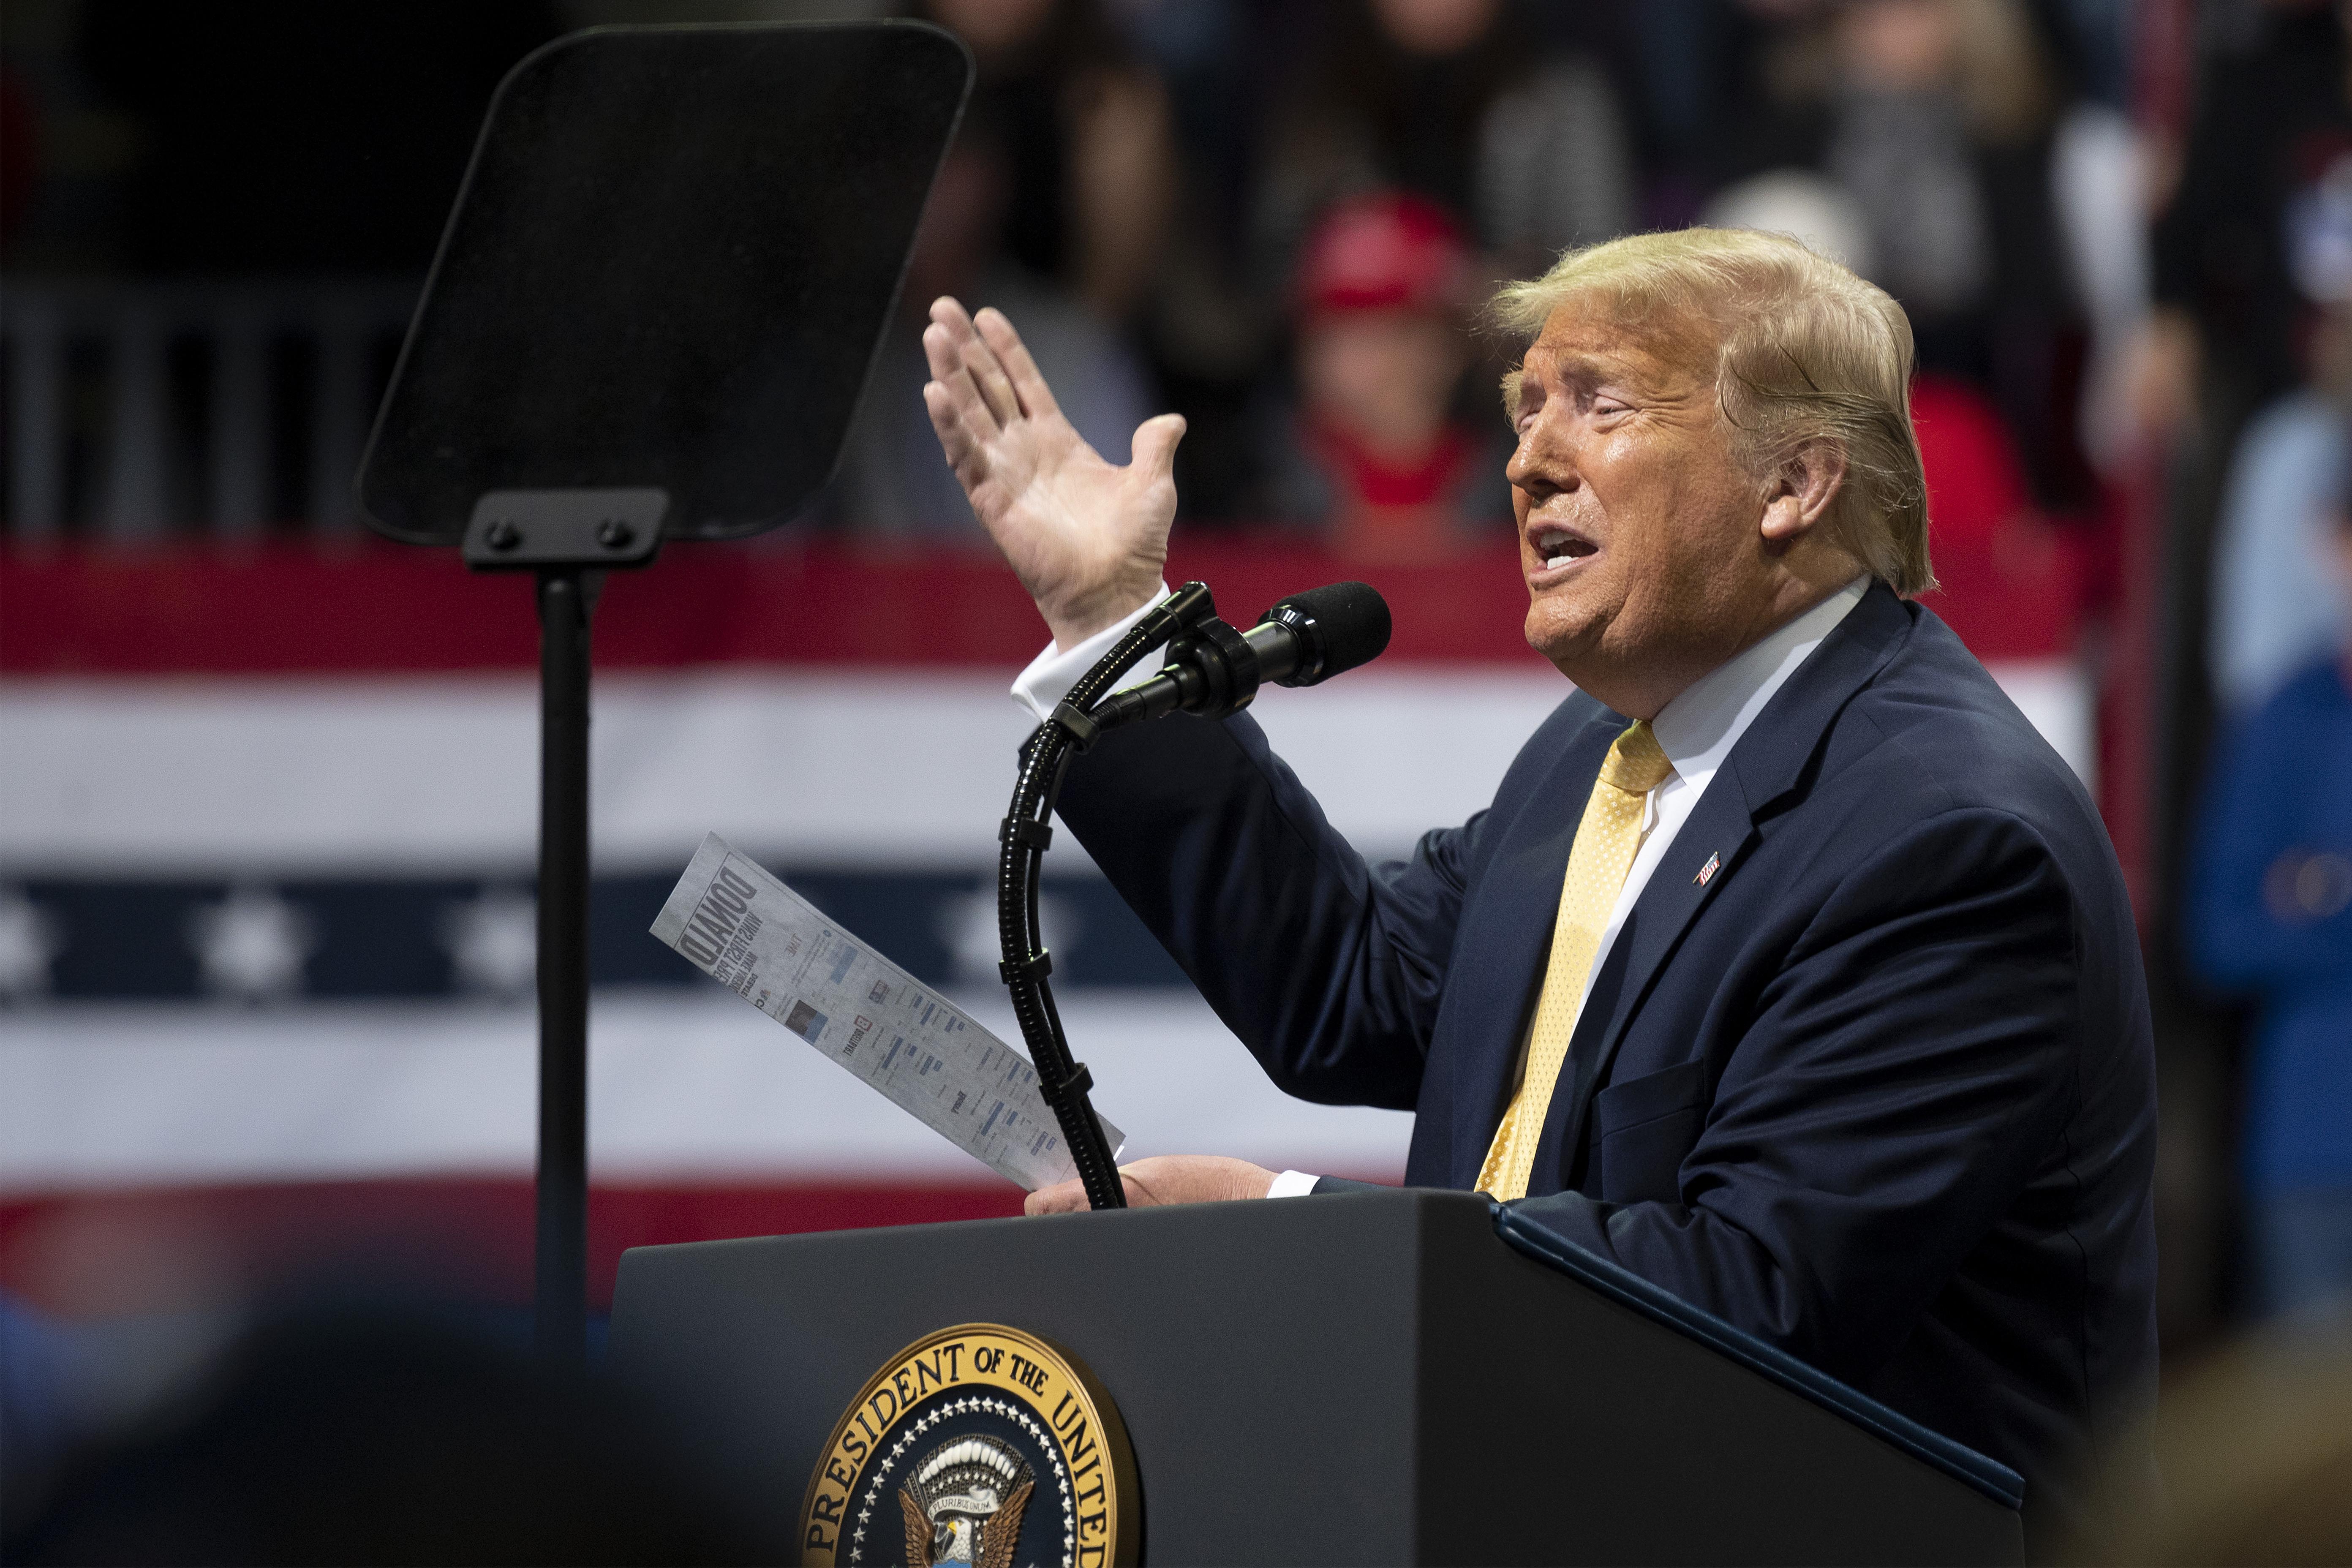 Az amerikai hírszerzés szerint az oroszok Trump érdekében készülnek beavatkozni az elnökválasztáson